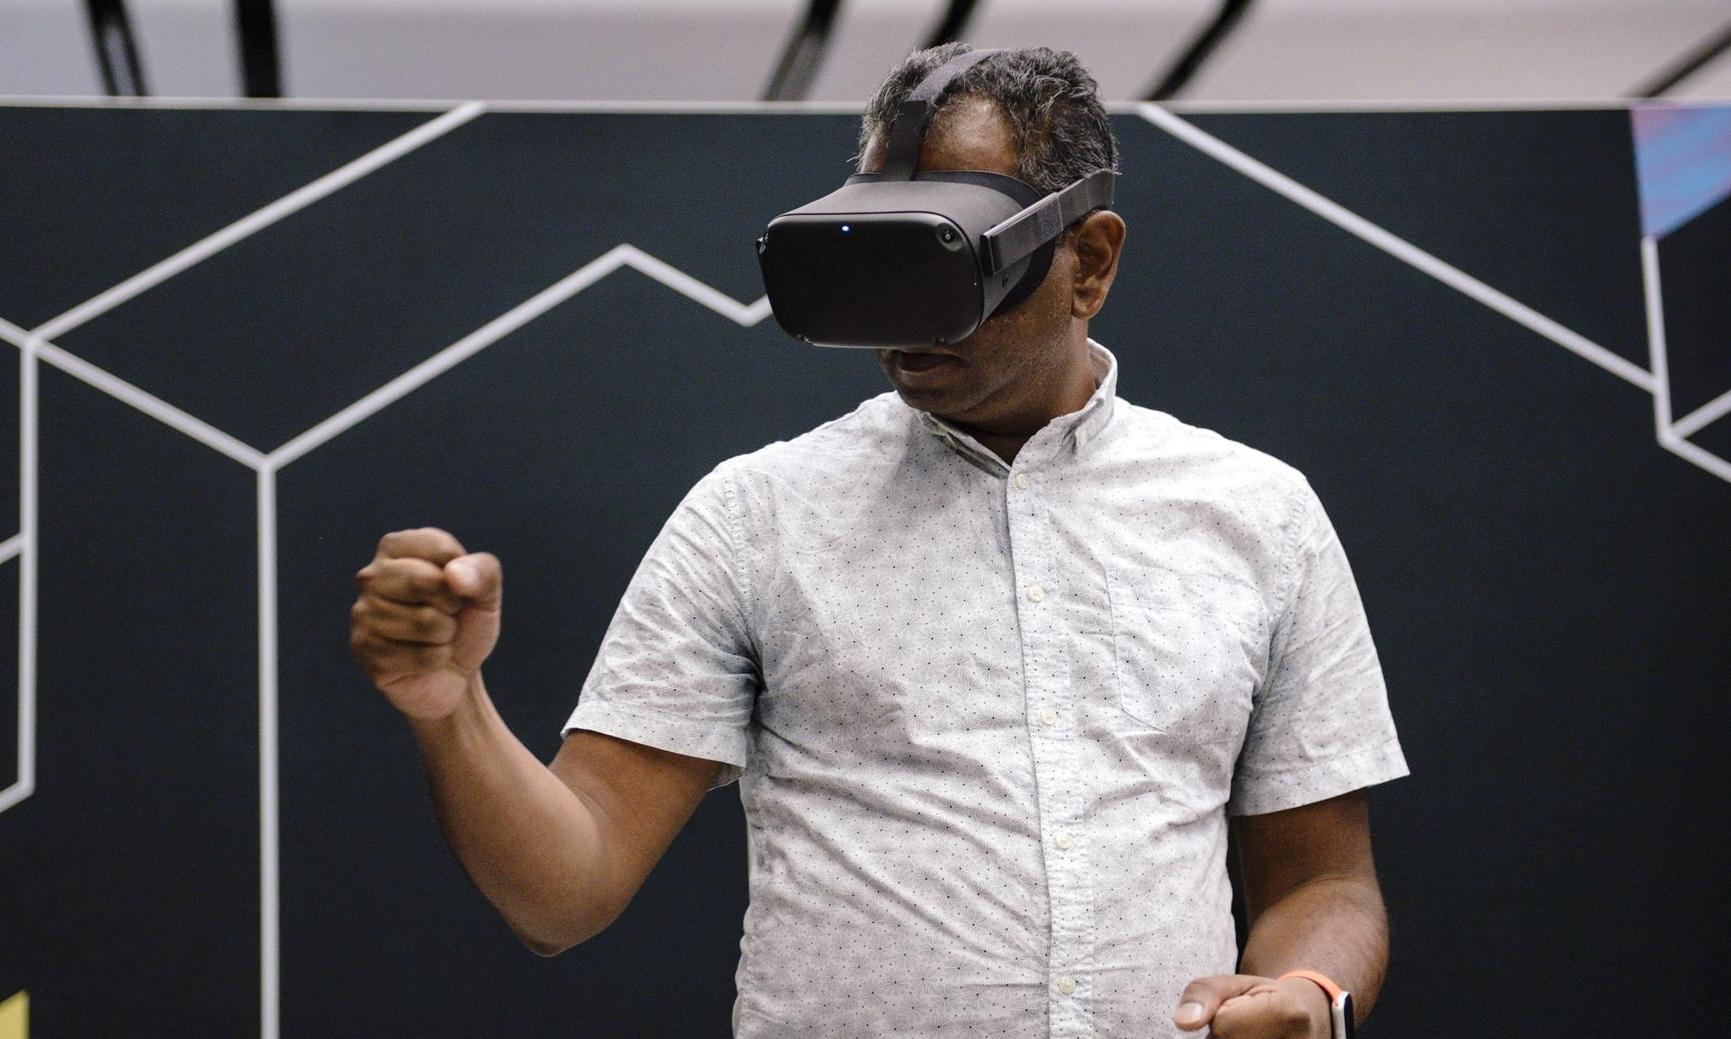 苹果的 VR 头戴设备或将可以装载有度数的镜片